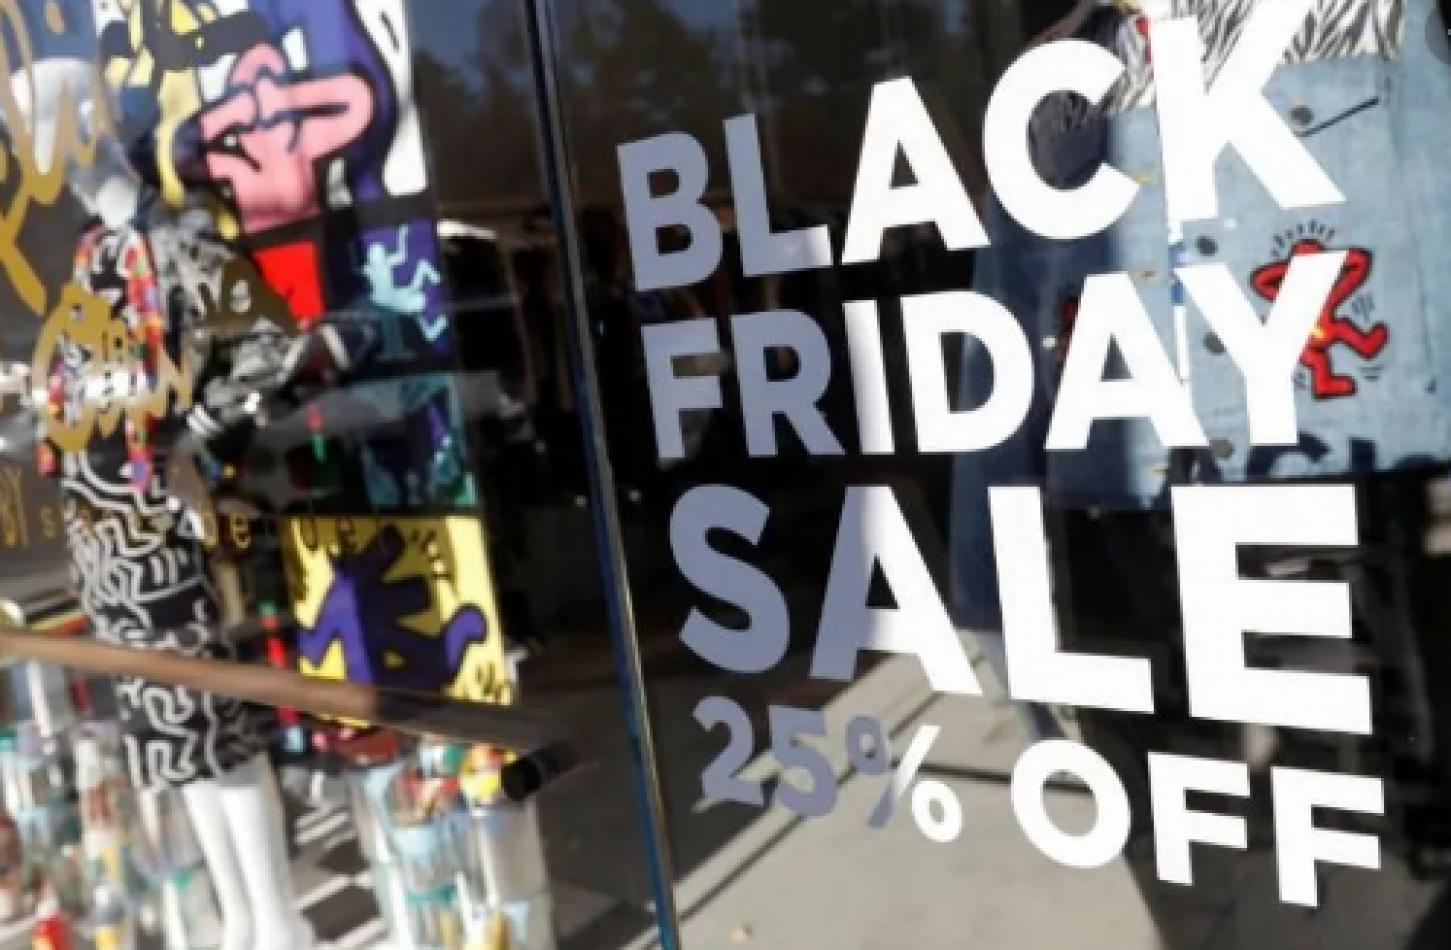 El Black Friday no tuvo el éxito de otros años, pero dejó un balance positivo